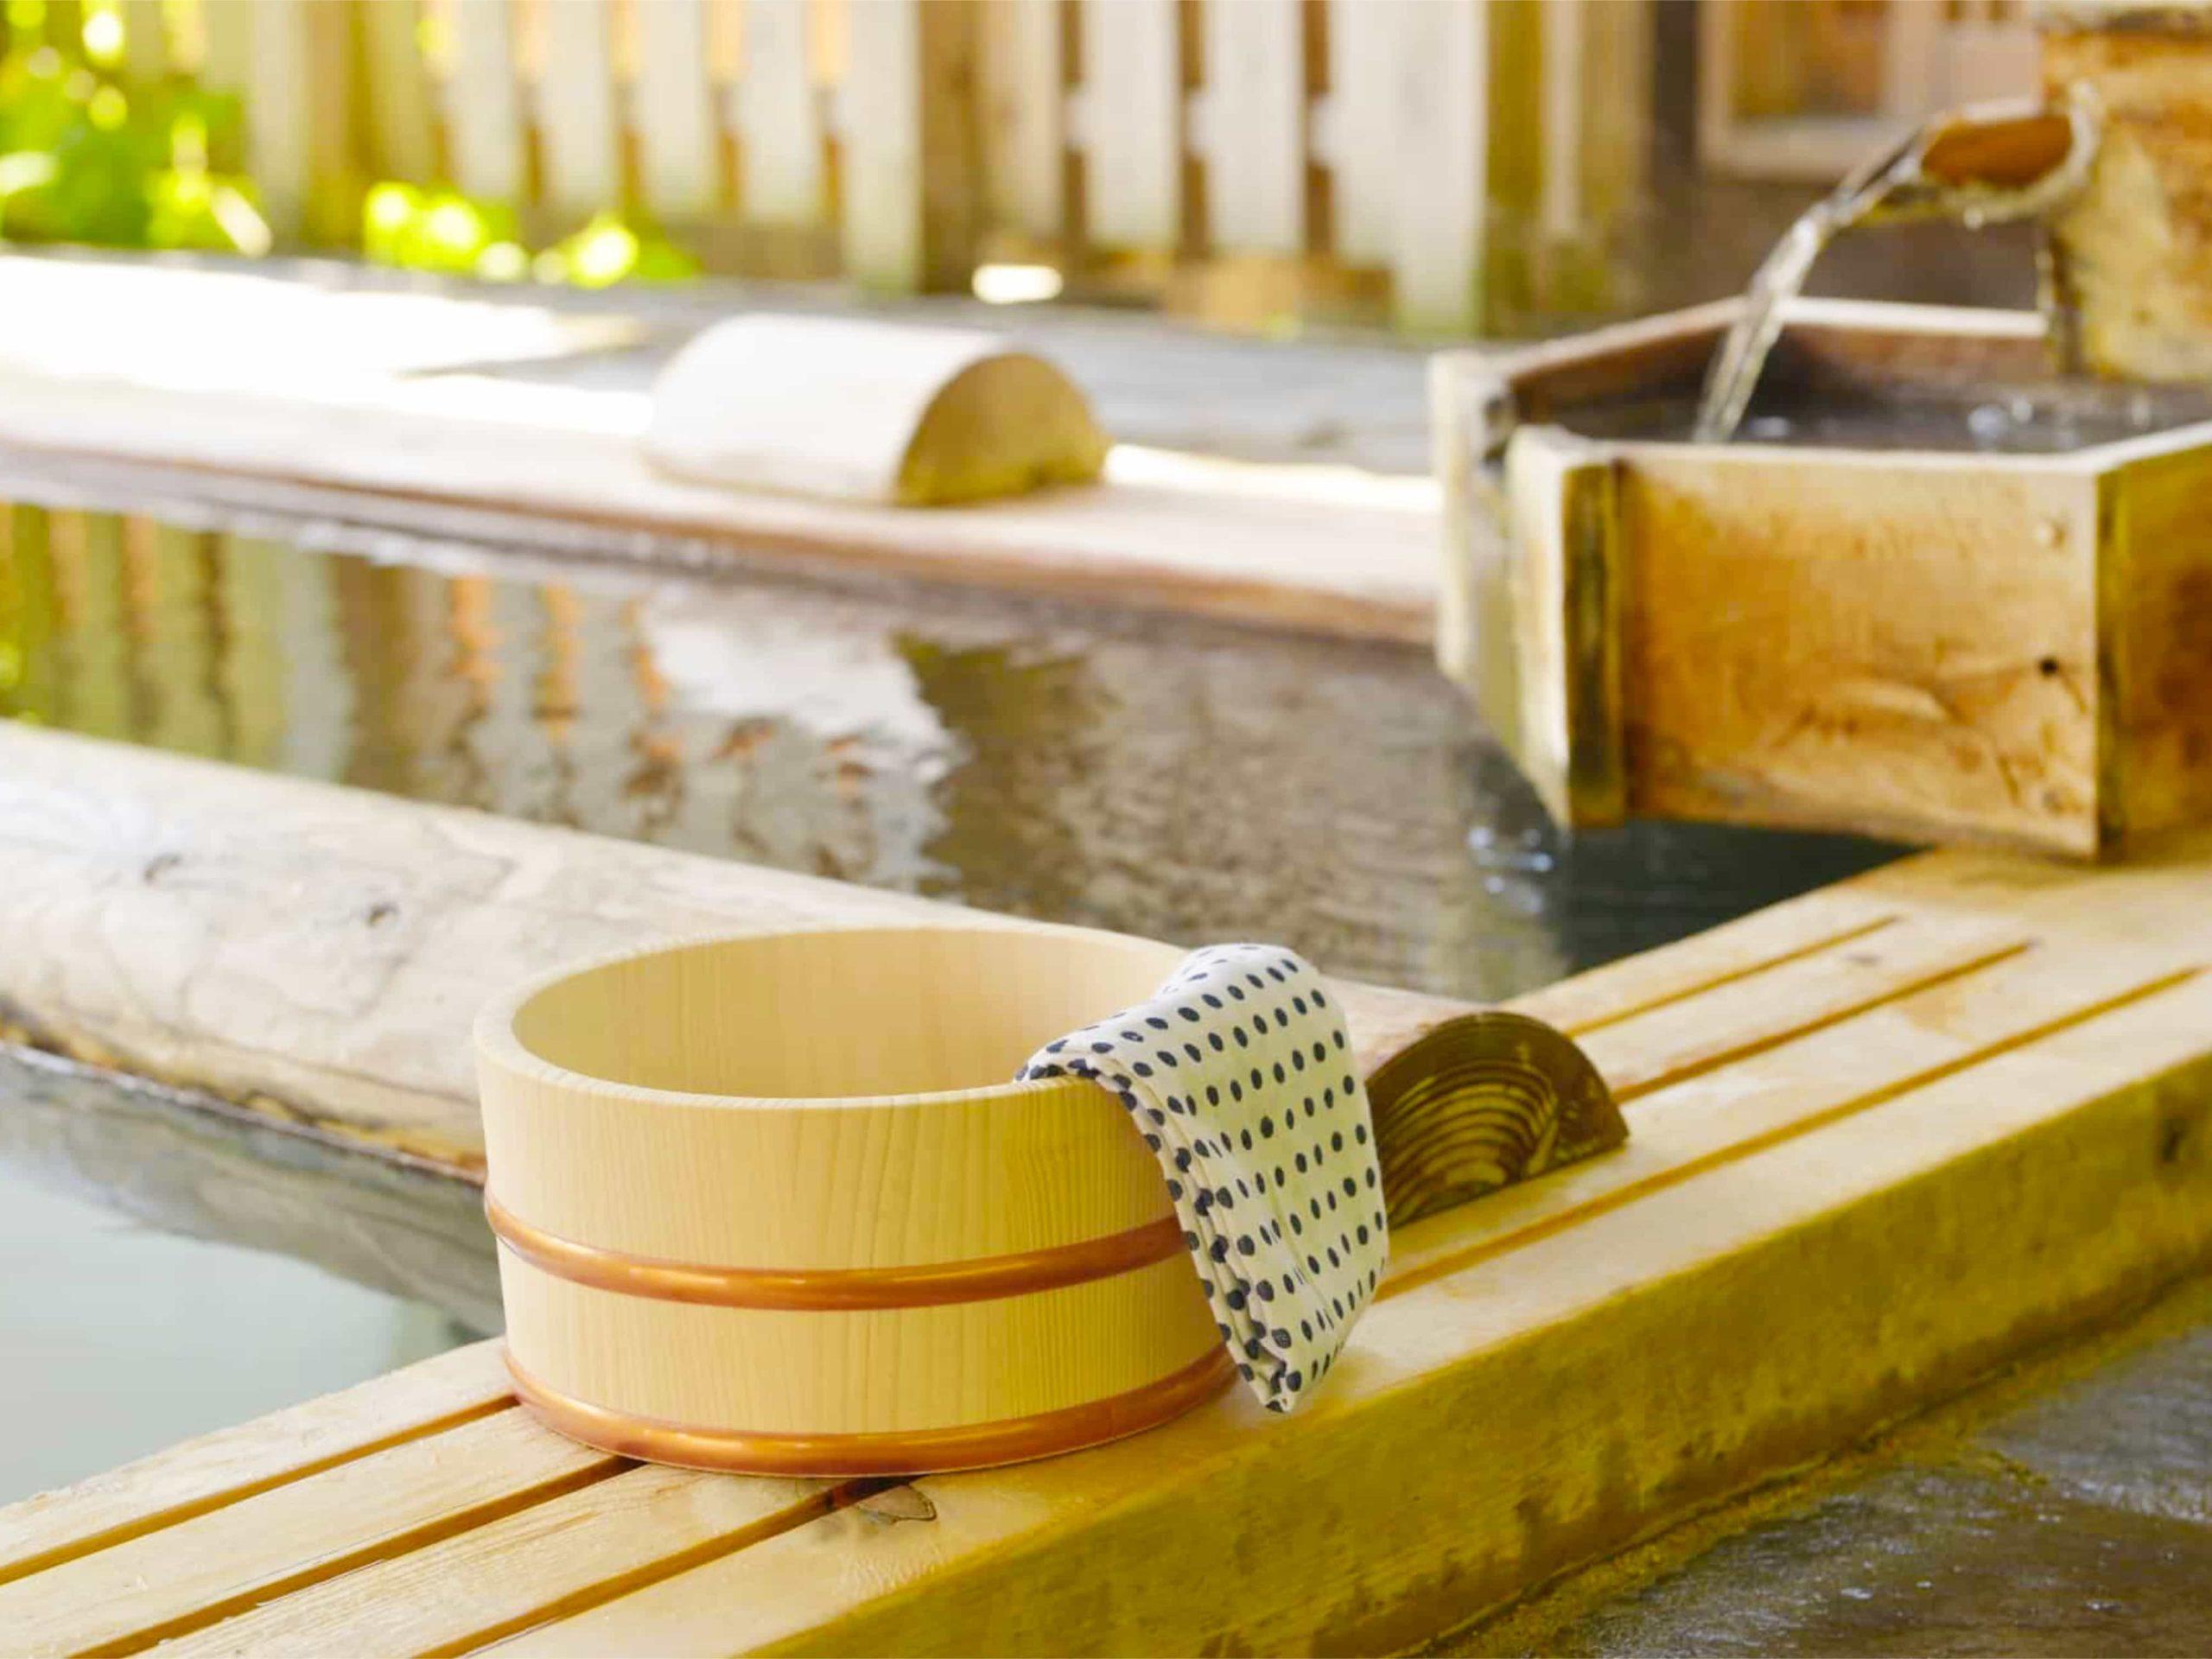 札幌で温泉を楽しむなら豊平峡温泉!食事も美味しくてオススメ!!